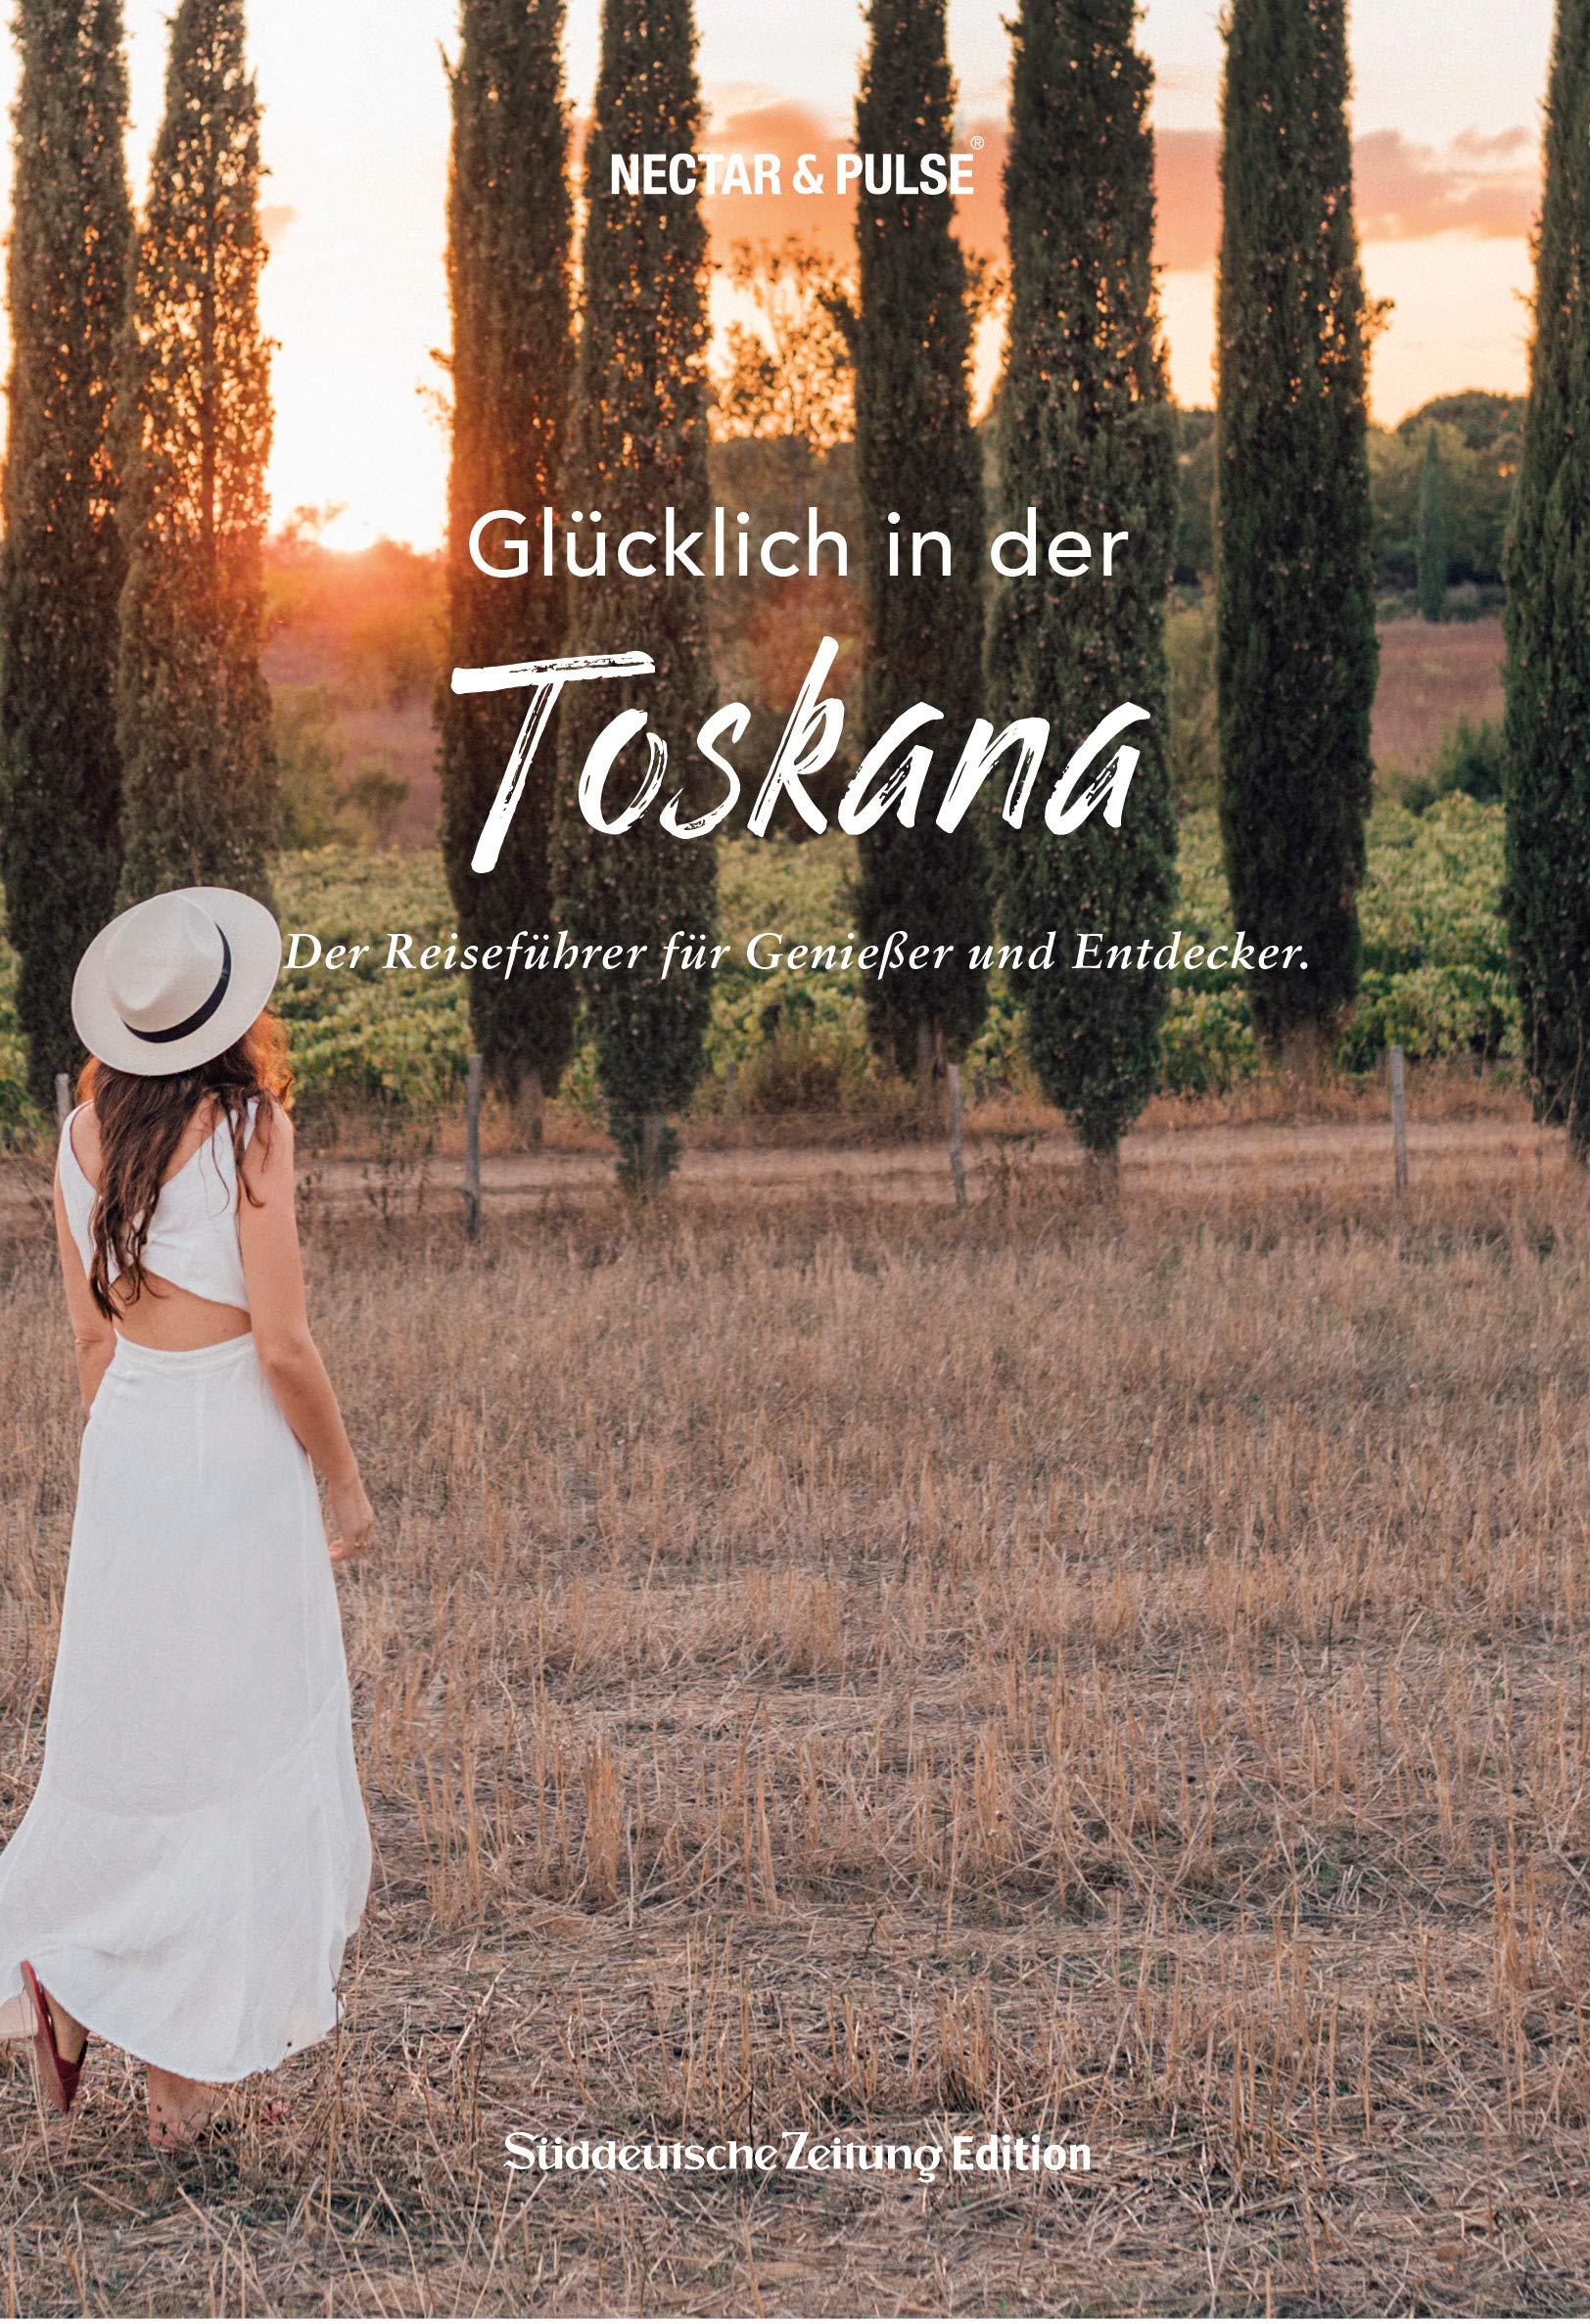 zuckerkick werktag Buchcover Glücklich in der Toskana NECTAR & PULS